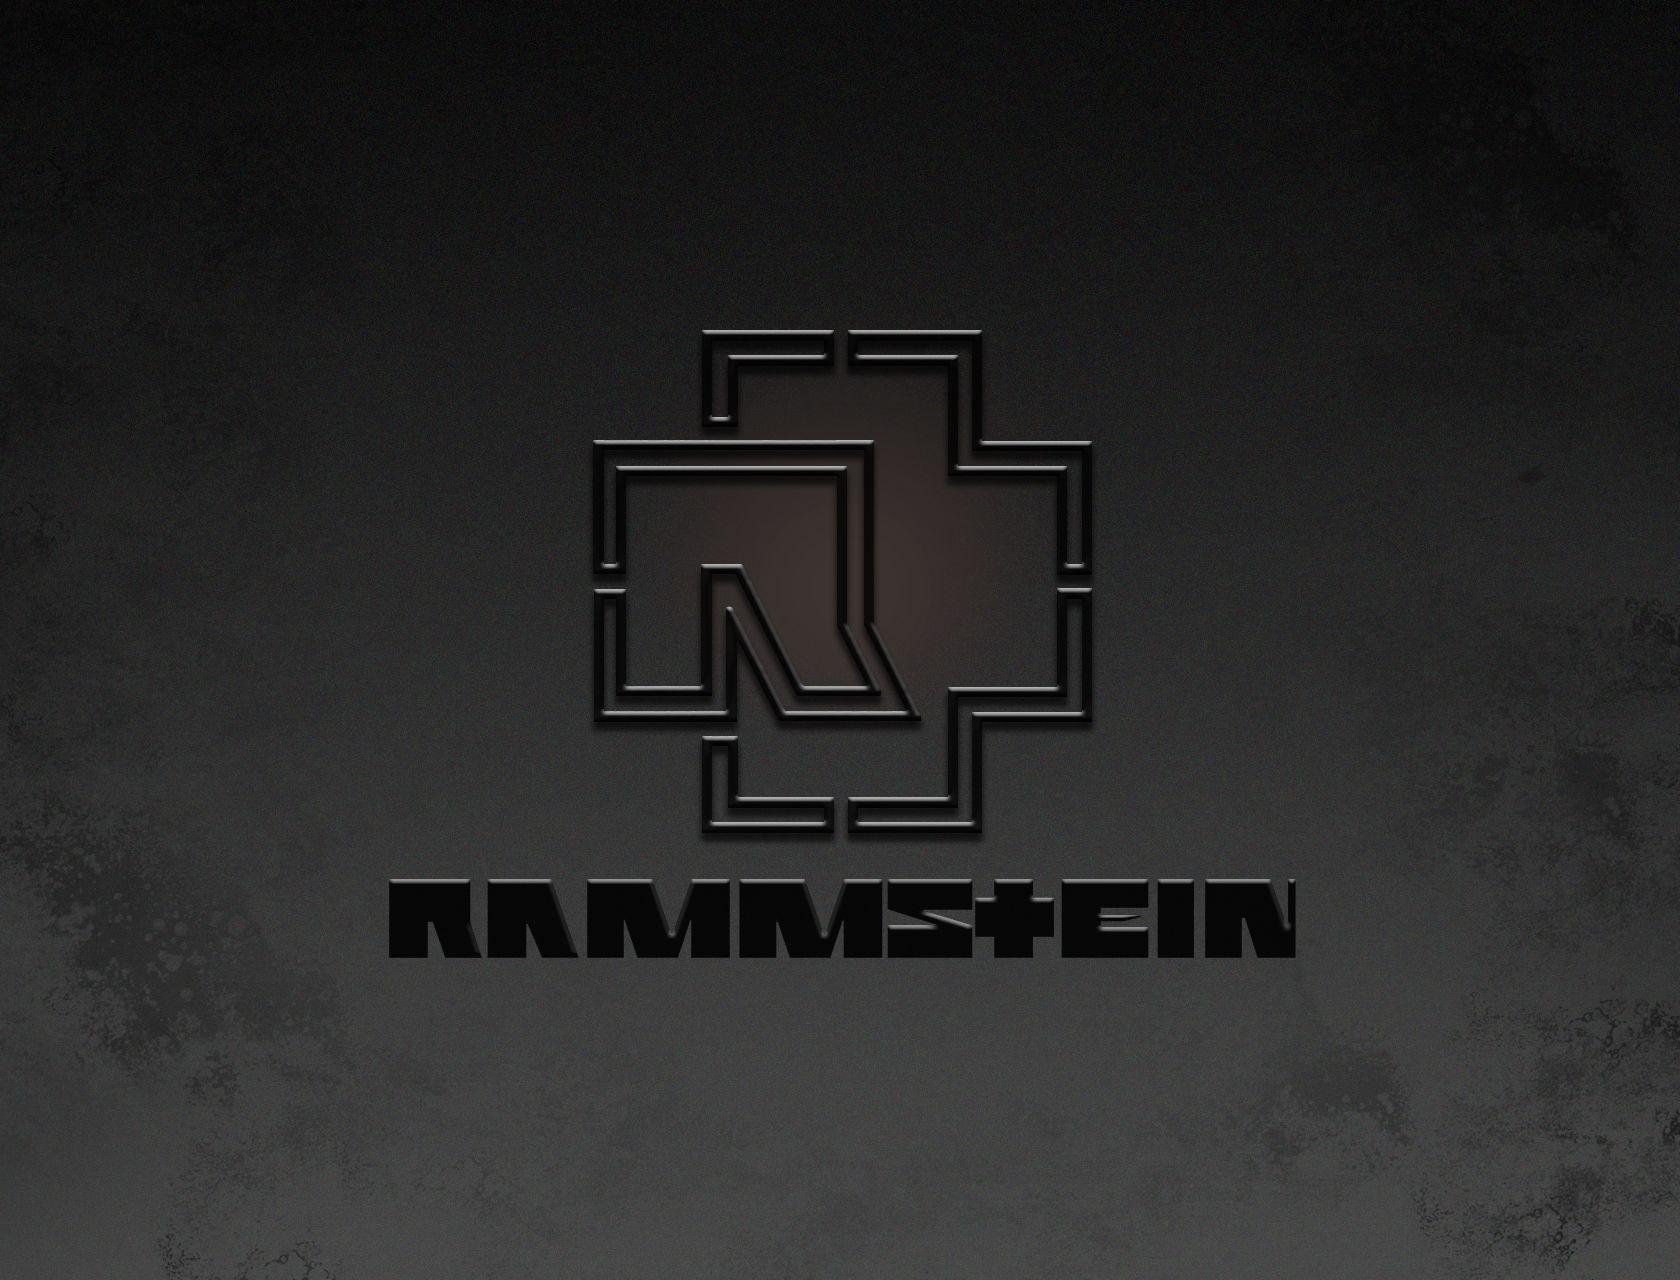 Rammstein Wallpapers Top Free Rammstein Backgrounds Wallpaperaccess